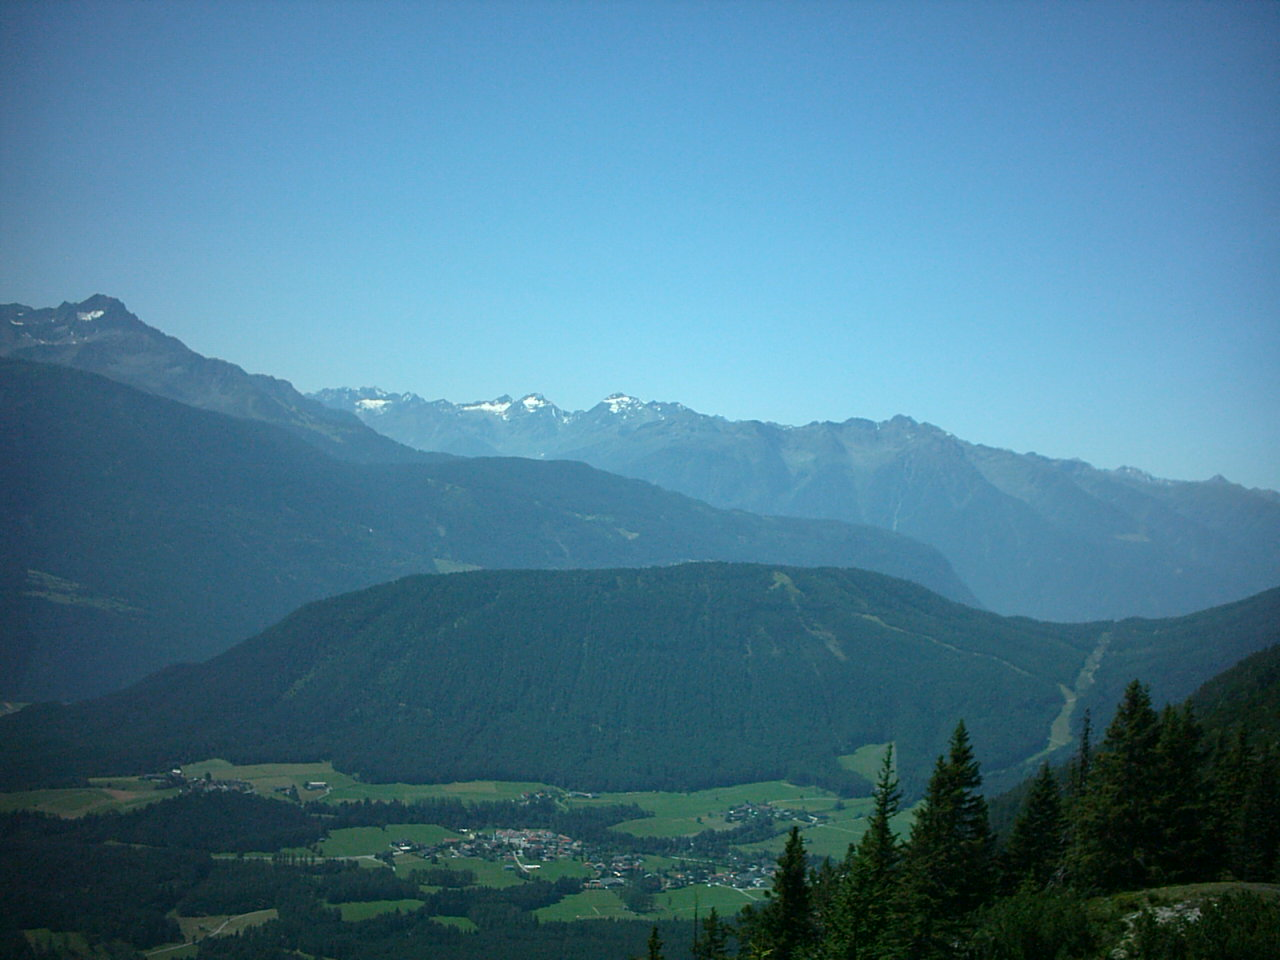 Foto: Doris / Ski Tour / Wankspitze, 2209m / 02.02.2008 16:19:15